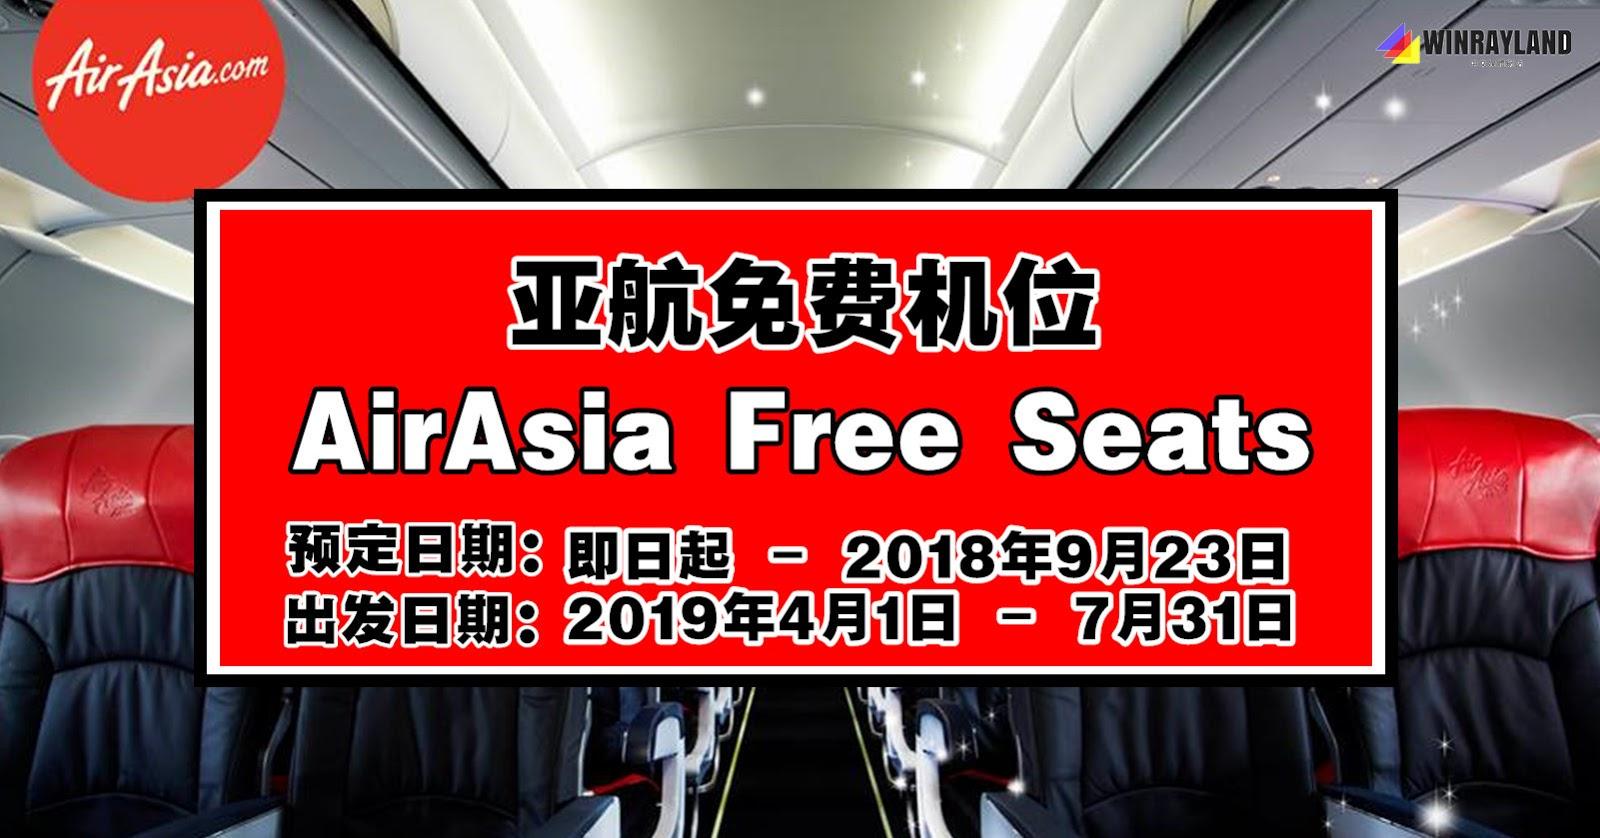 AirAsia FREE SEATS又来啦